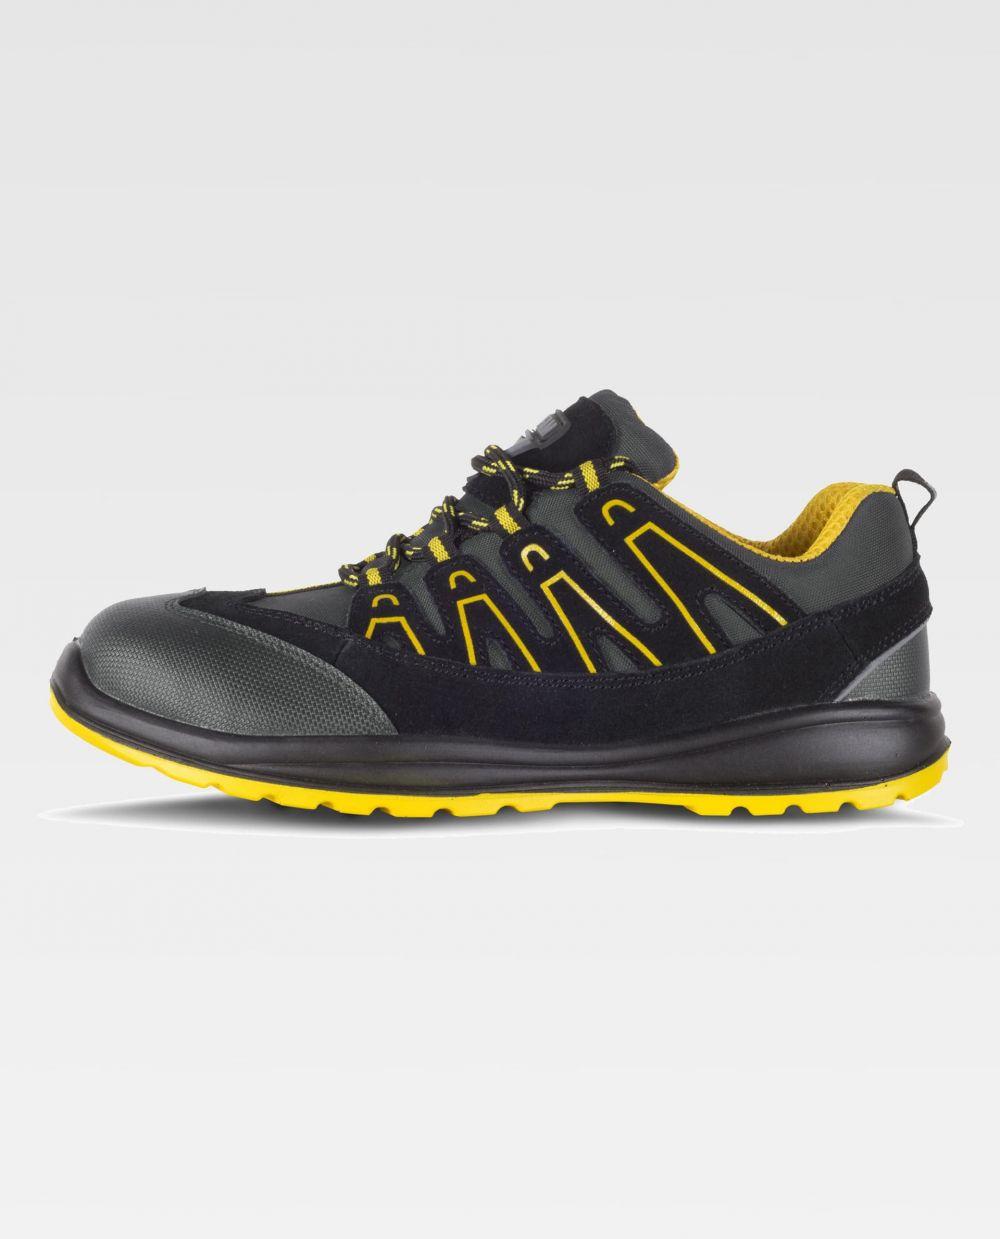 Zapatos de trabajo workteam zapatilla p3012 de microfibra vista 1